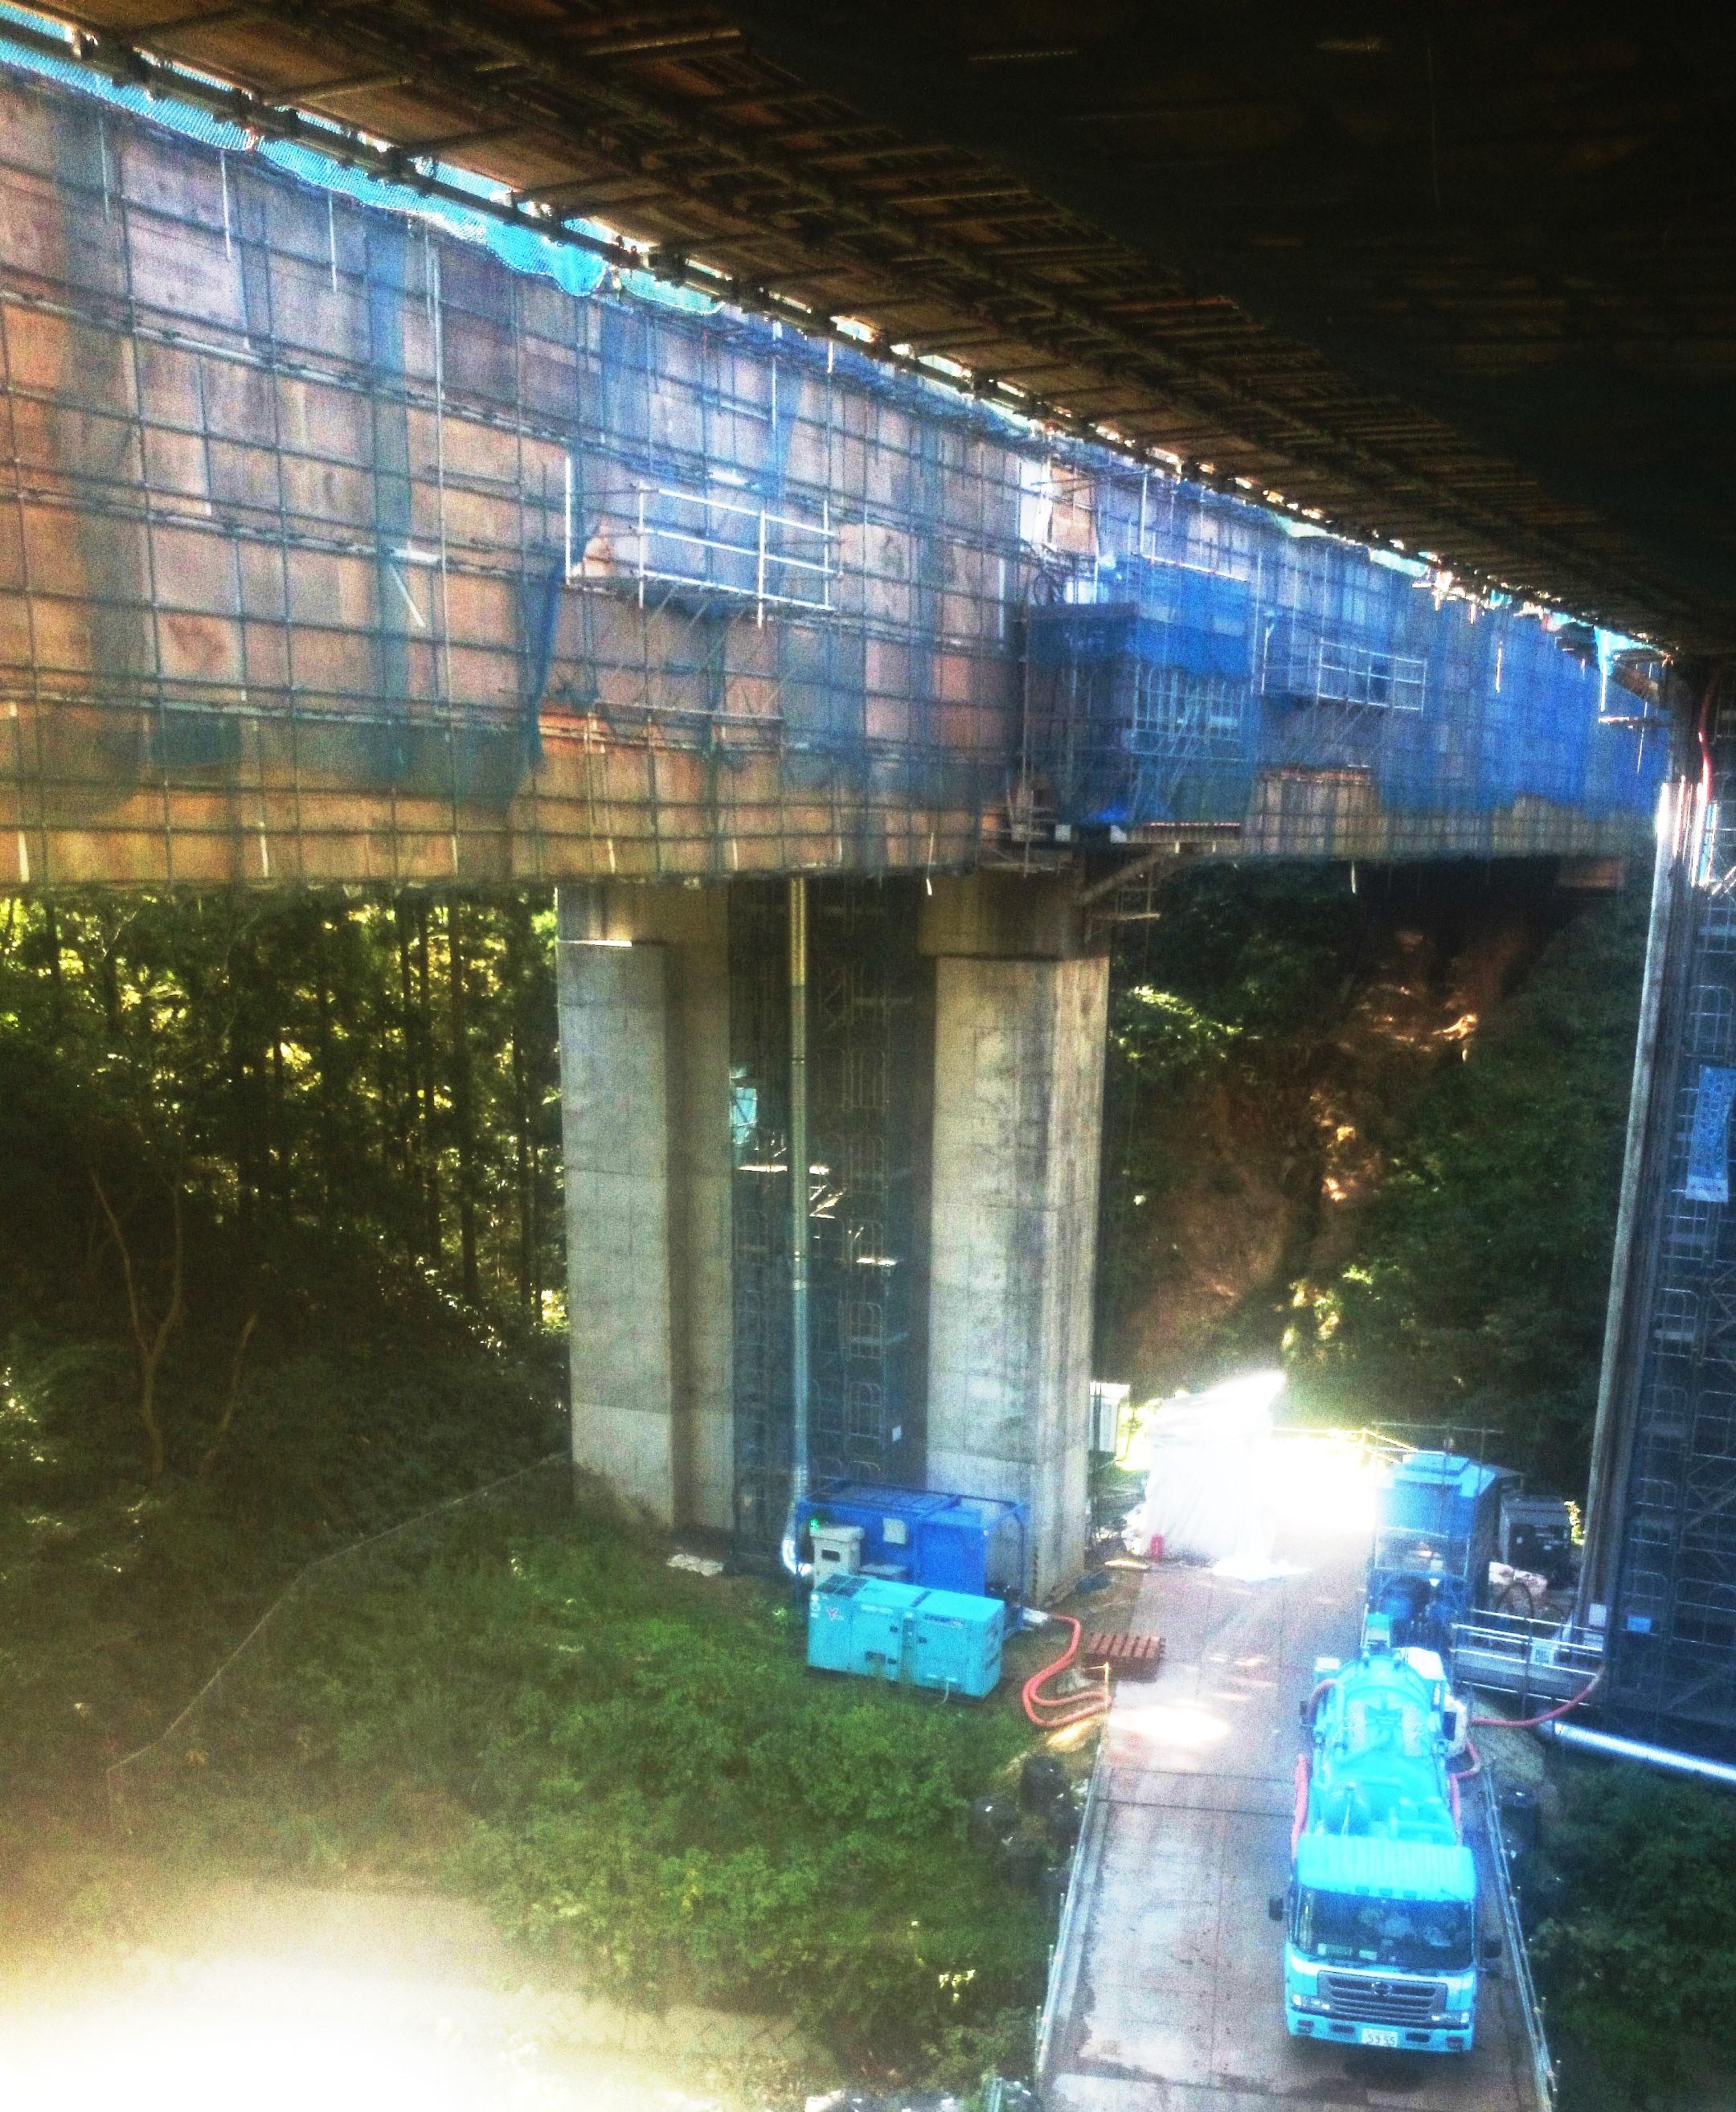 橋梁リニューアルにおけるブラスト塗装剥離・表面処理施工の換気システムおよび研掃材回収、長距離移送システム